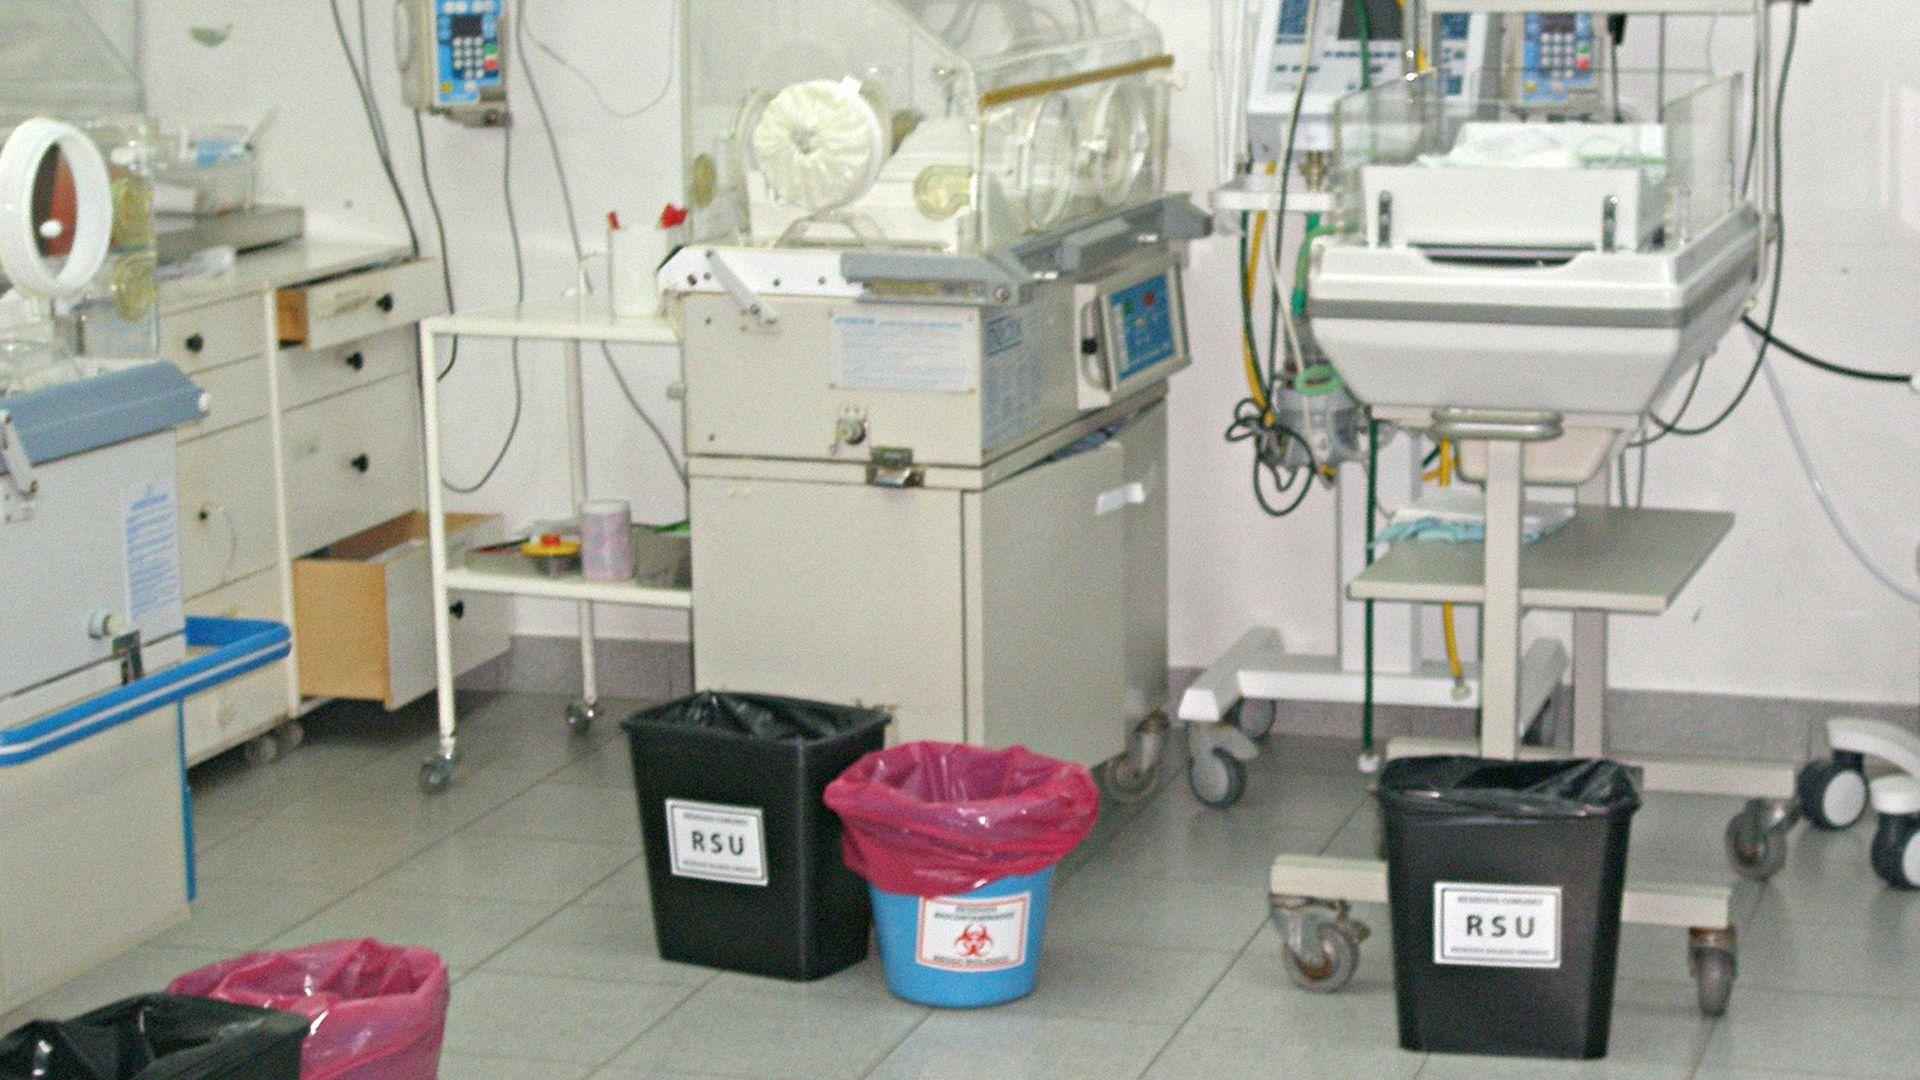 Tachos diferenciados en el hospital Sáenz Peña